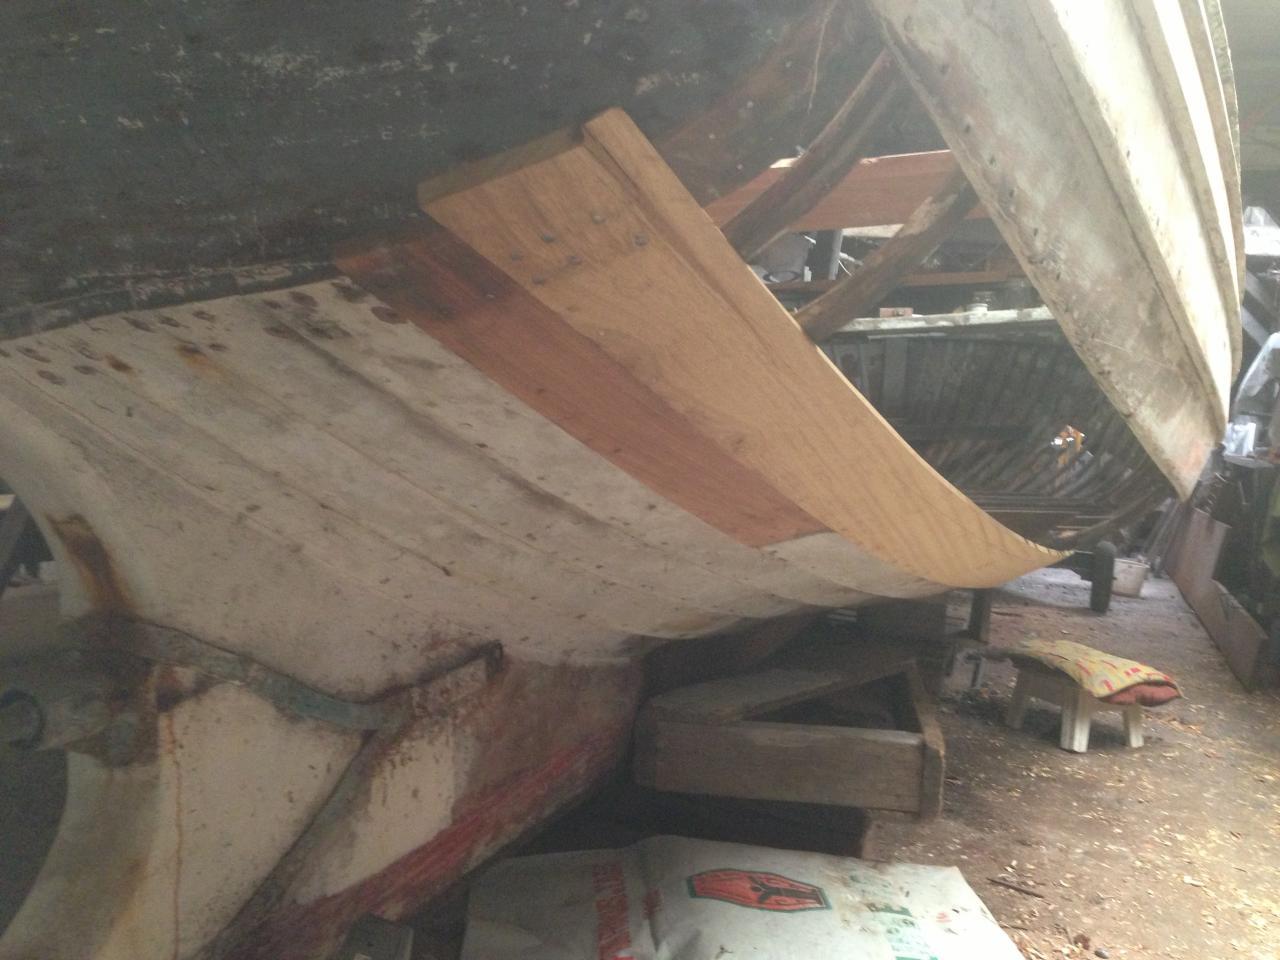 restauration du canot à clin Simmy III